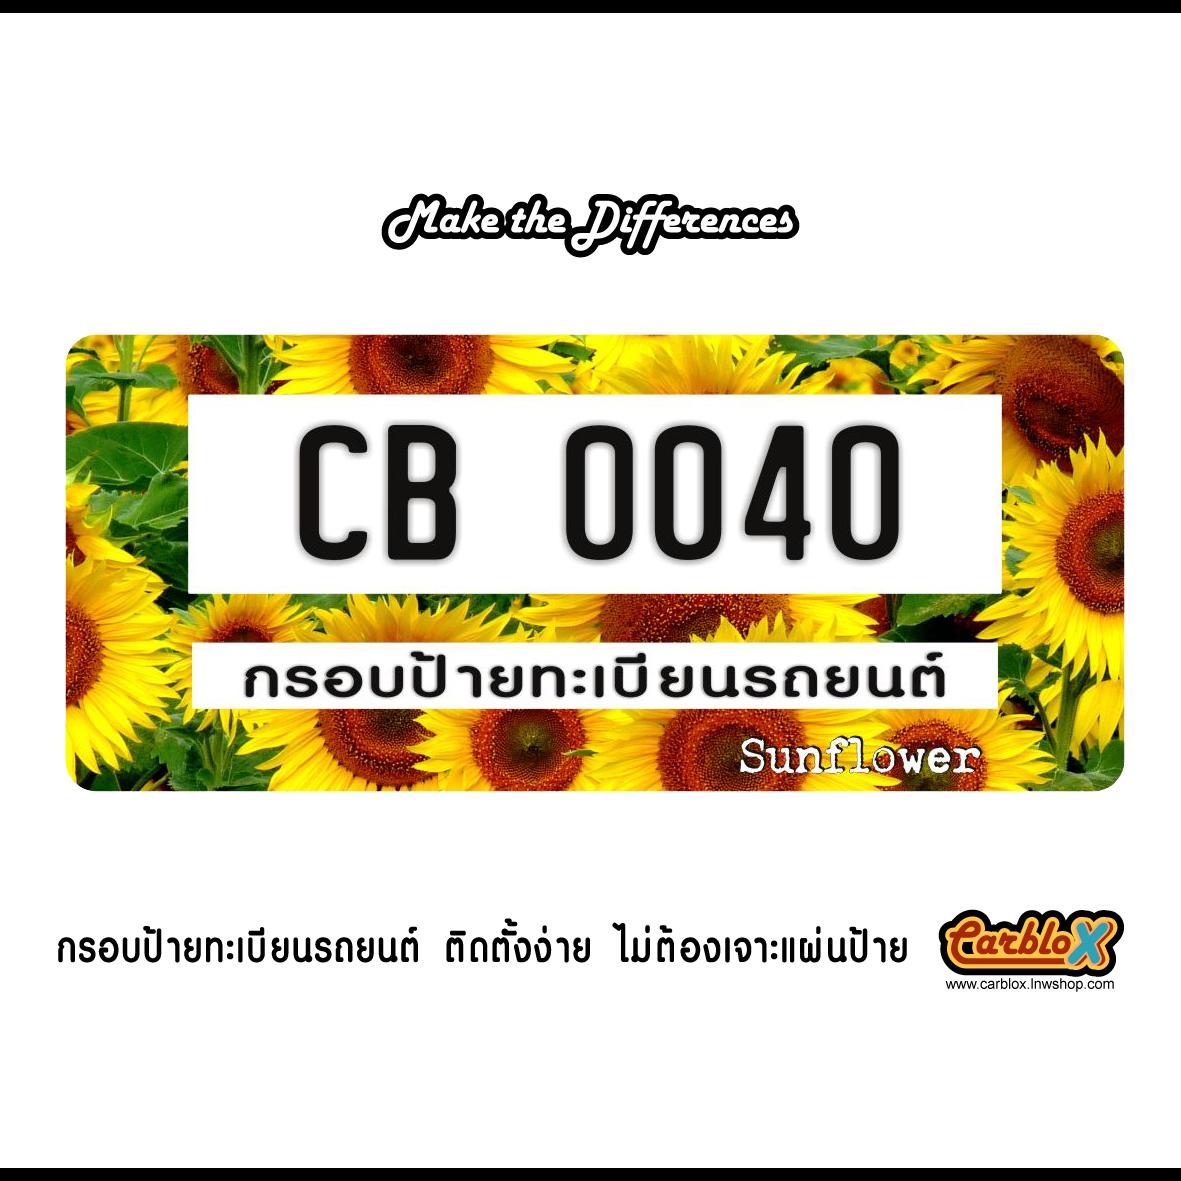 กรอบป้ายทะเบียนรถยนต์ CARBLOX ระหัส CB 0040 ลายธรรมชาติ NATURE.